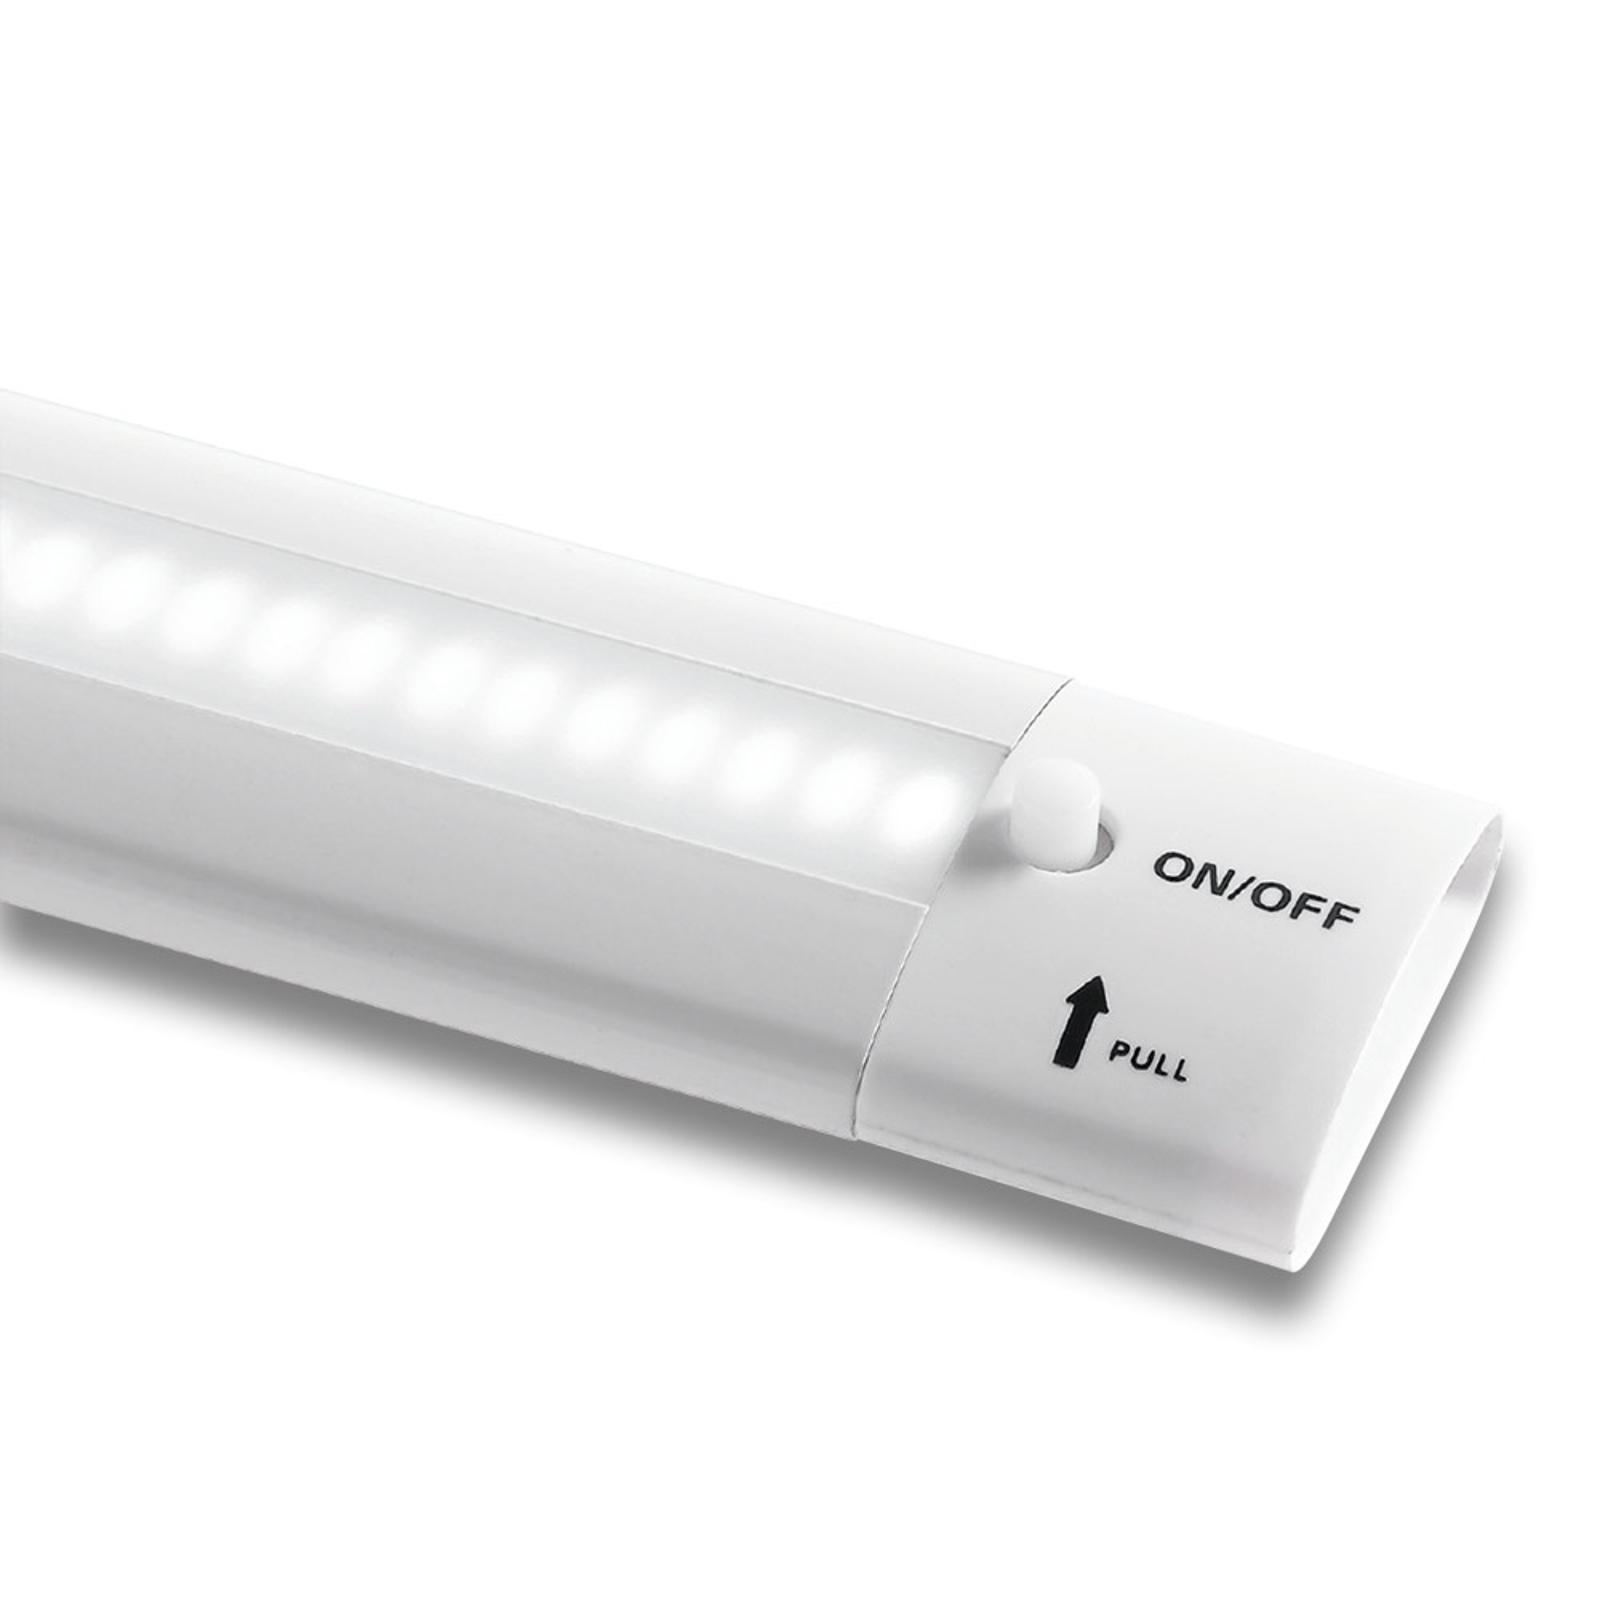 Nábytkové podhľadové LED svetlo Galway 6690, biele_3502411_1